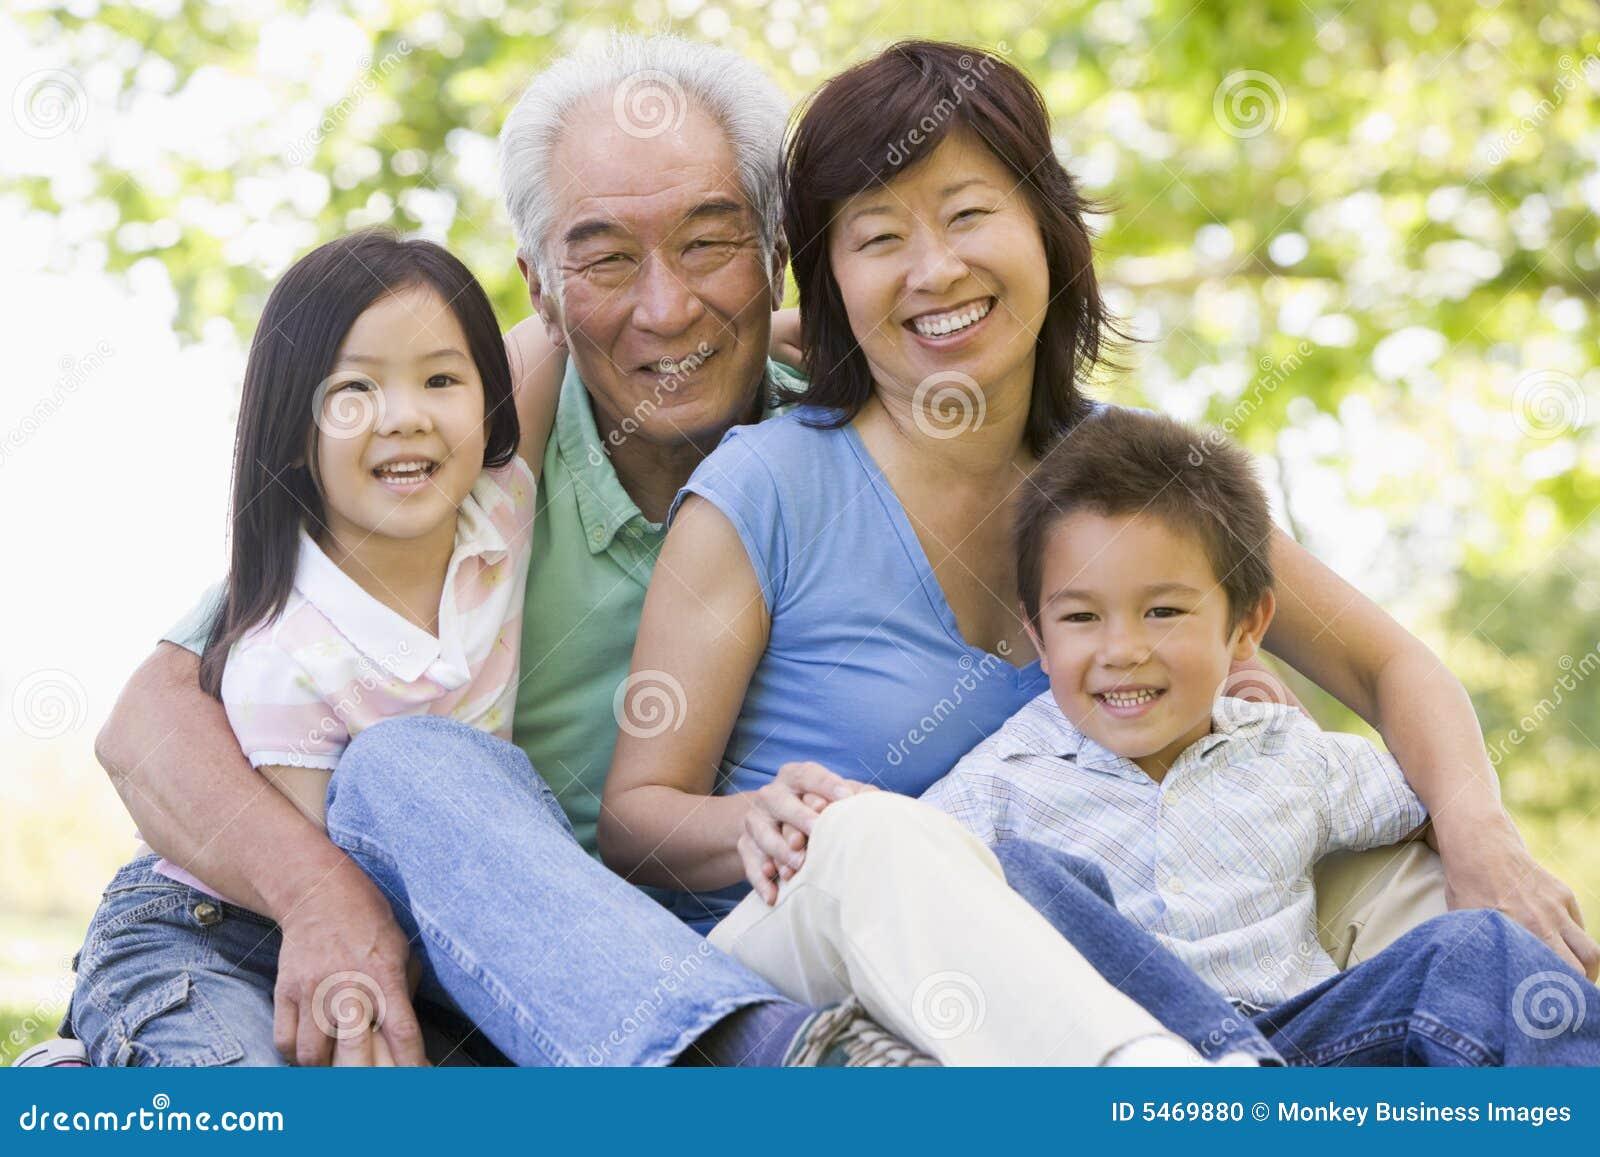 Nonni che scopano i nipoti - Scopano in bagno ...